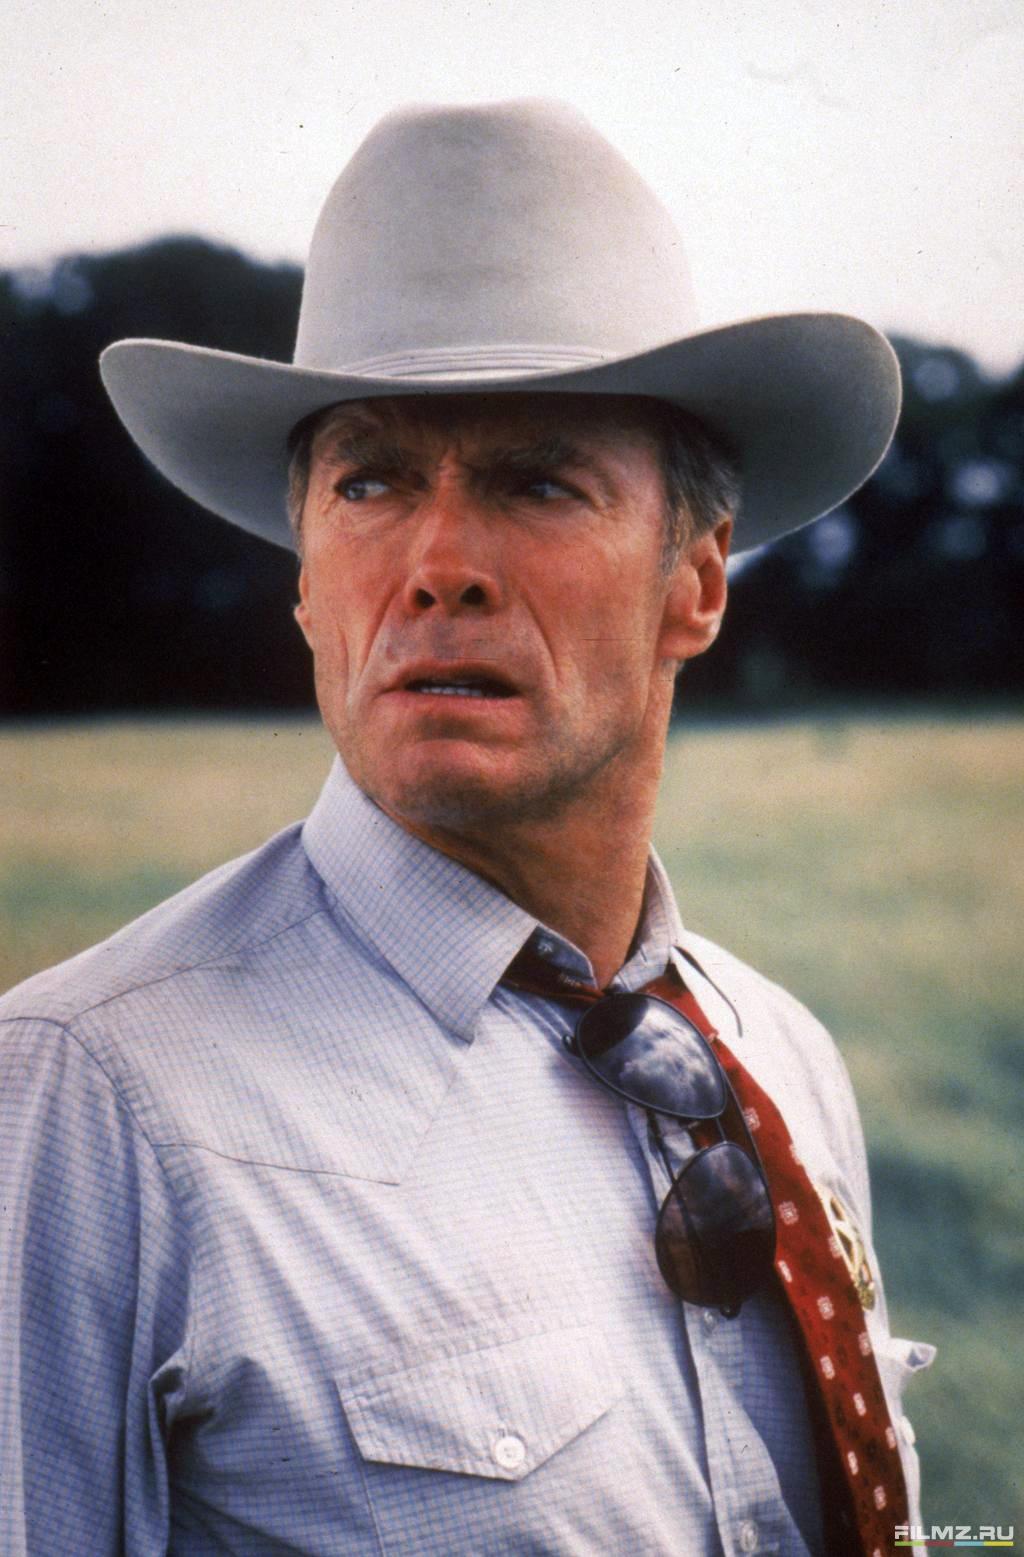 кадры из фильма Совершенный мир Клинт Иствуд,